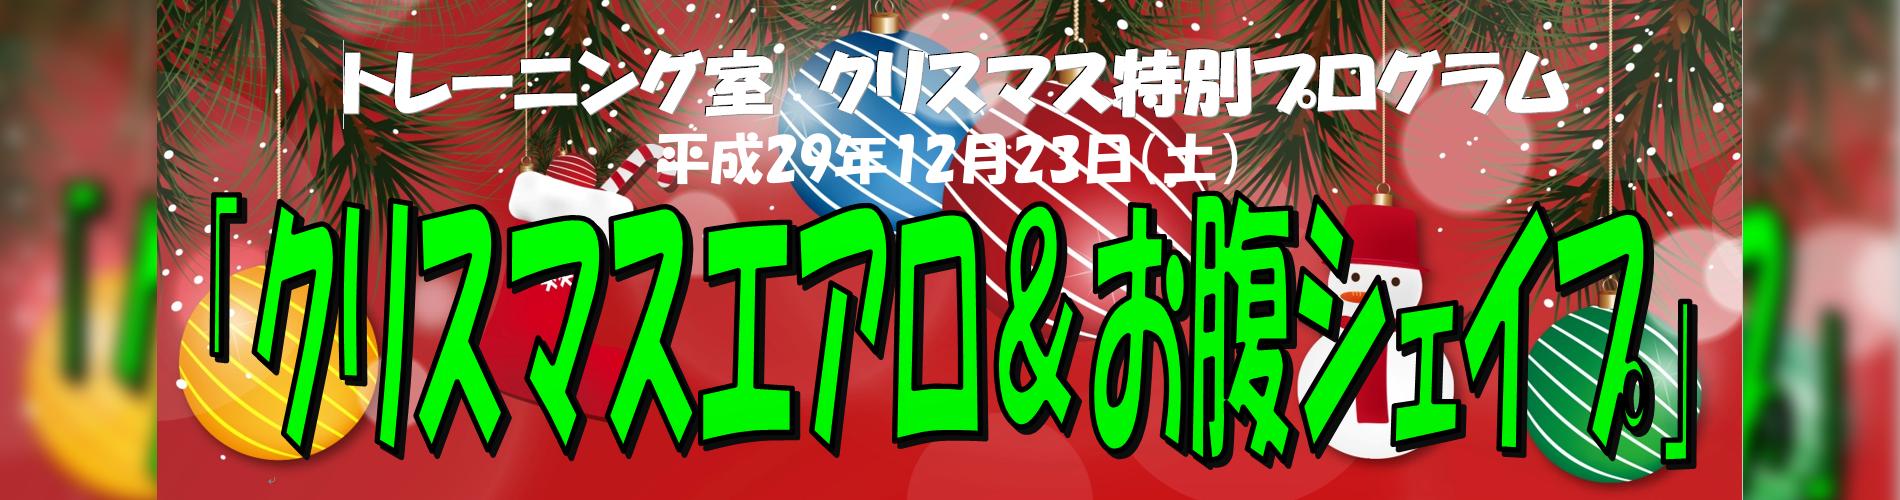 クリスマス特別プログラム「クリスマスエアロ&お腹シェイプ」